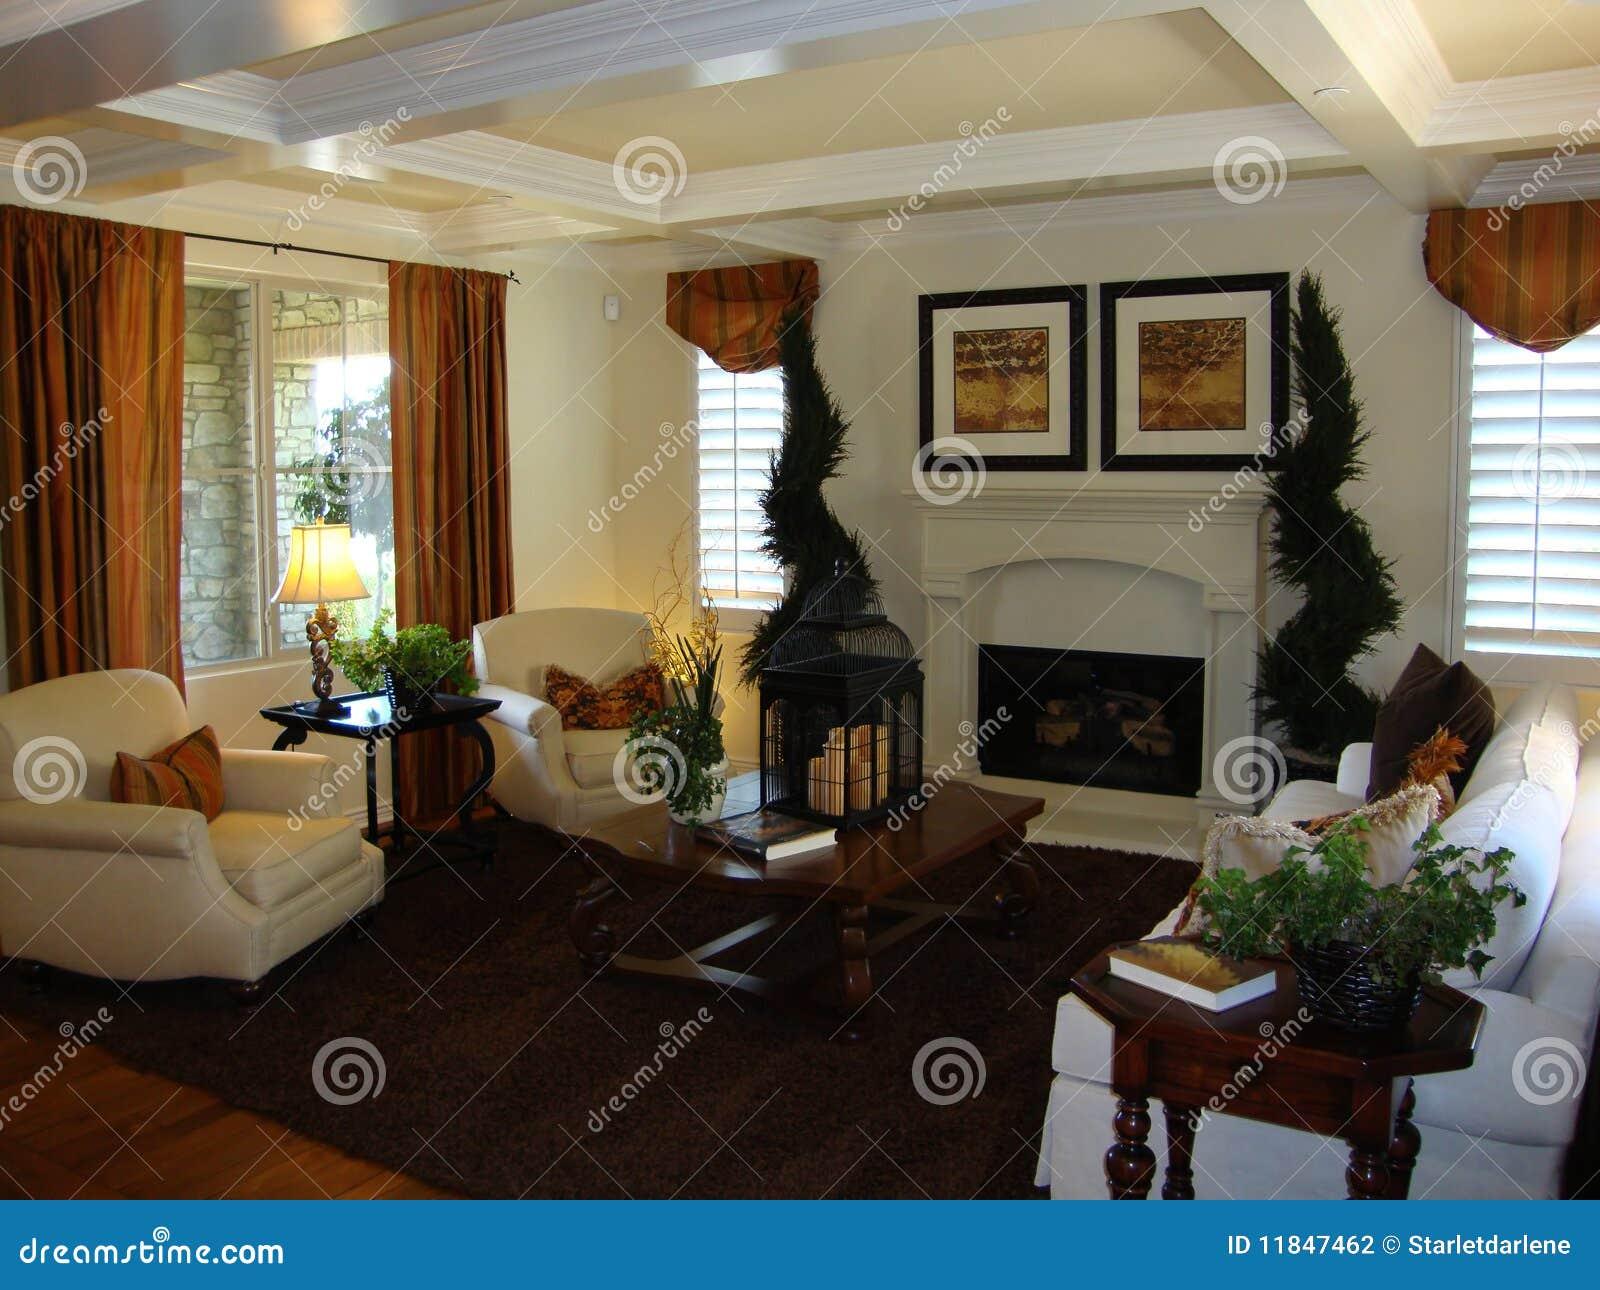 Schönes wohnzimmer mit einem kamin strahlt auf den deckenfenstern mit